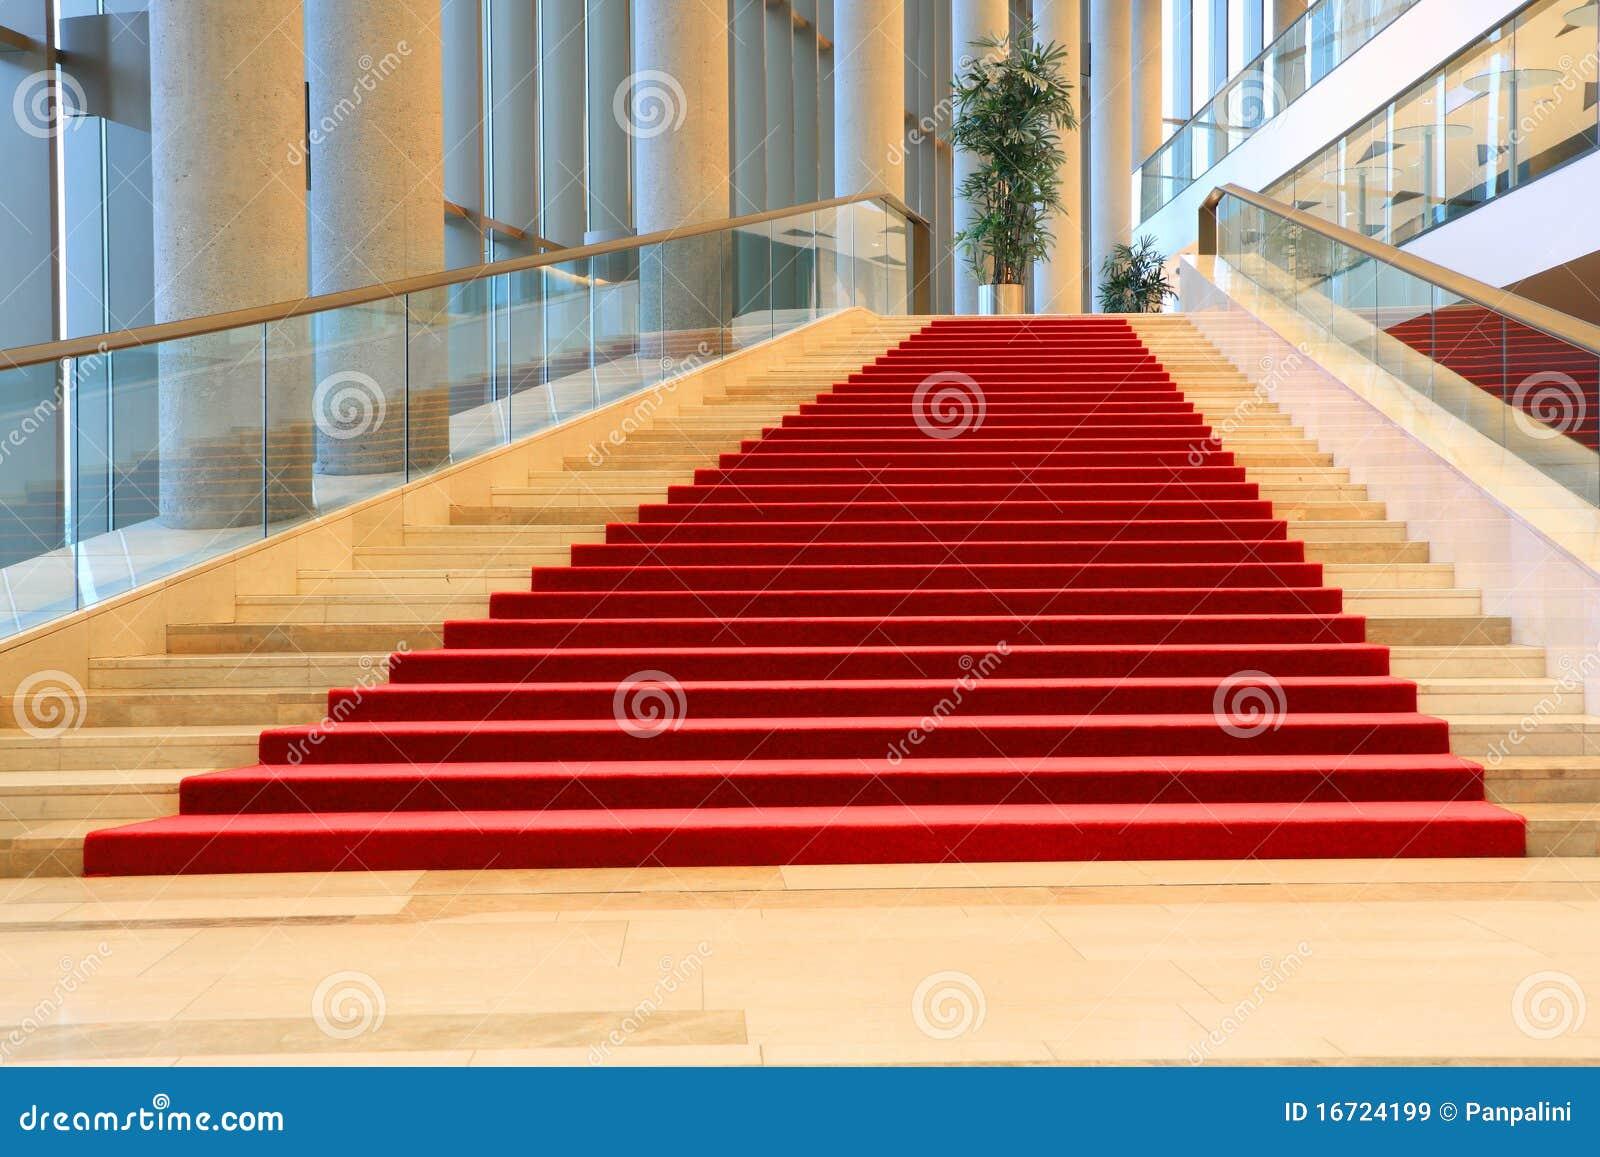 Escaleras con la alfombra roja im genes de archivo libres for Escaleras con alfombra